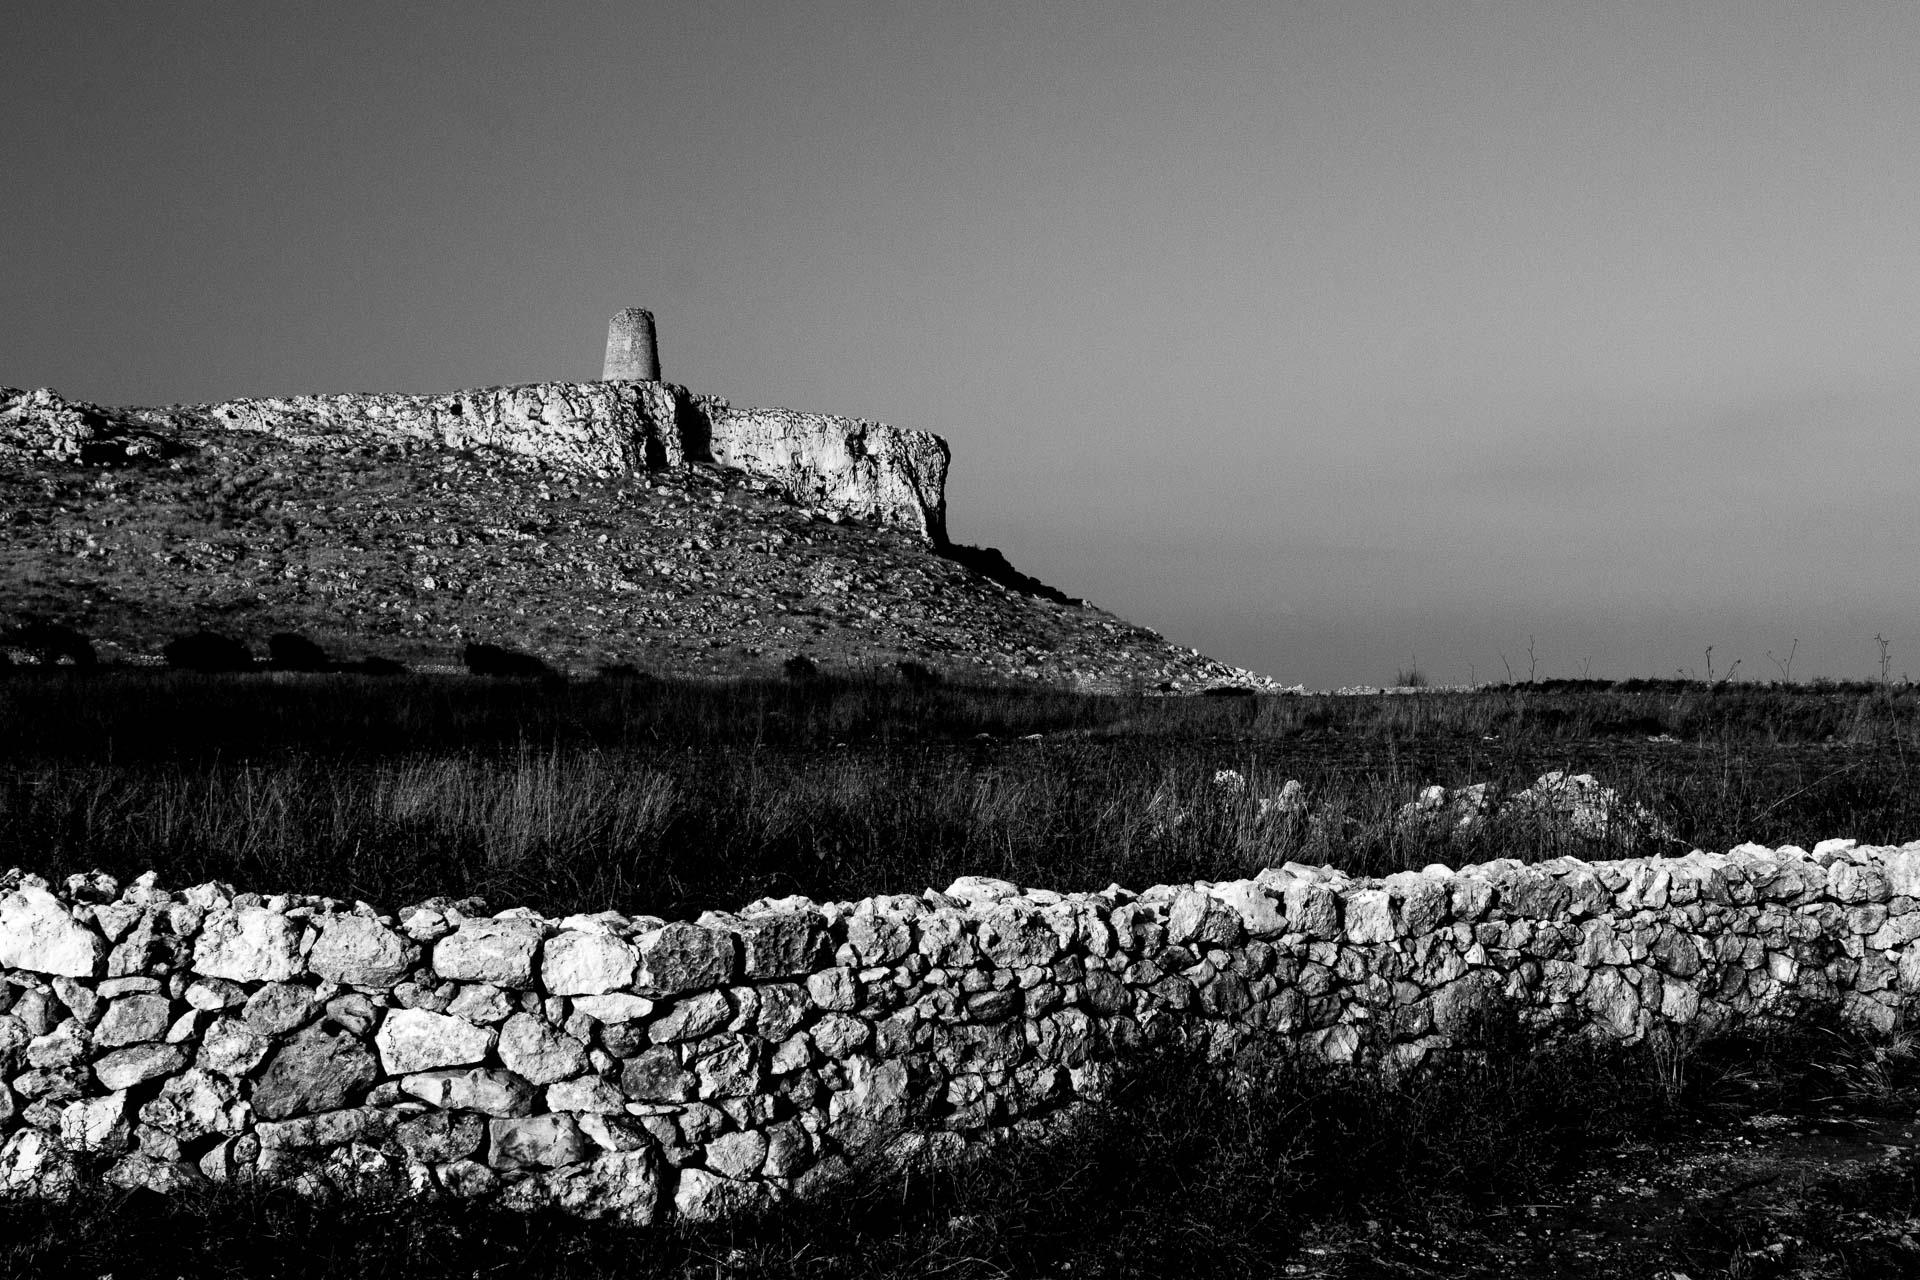 Paesaggio di pietra senza tempo, la torre costiera di avvistamento di Torre Sant'Emiliano, vicino Otranto, con un muretto a secco